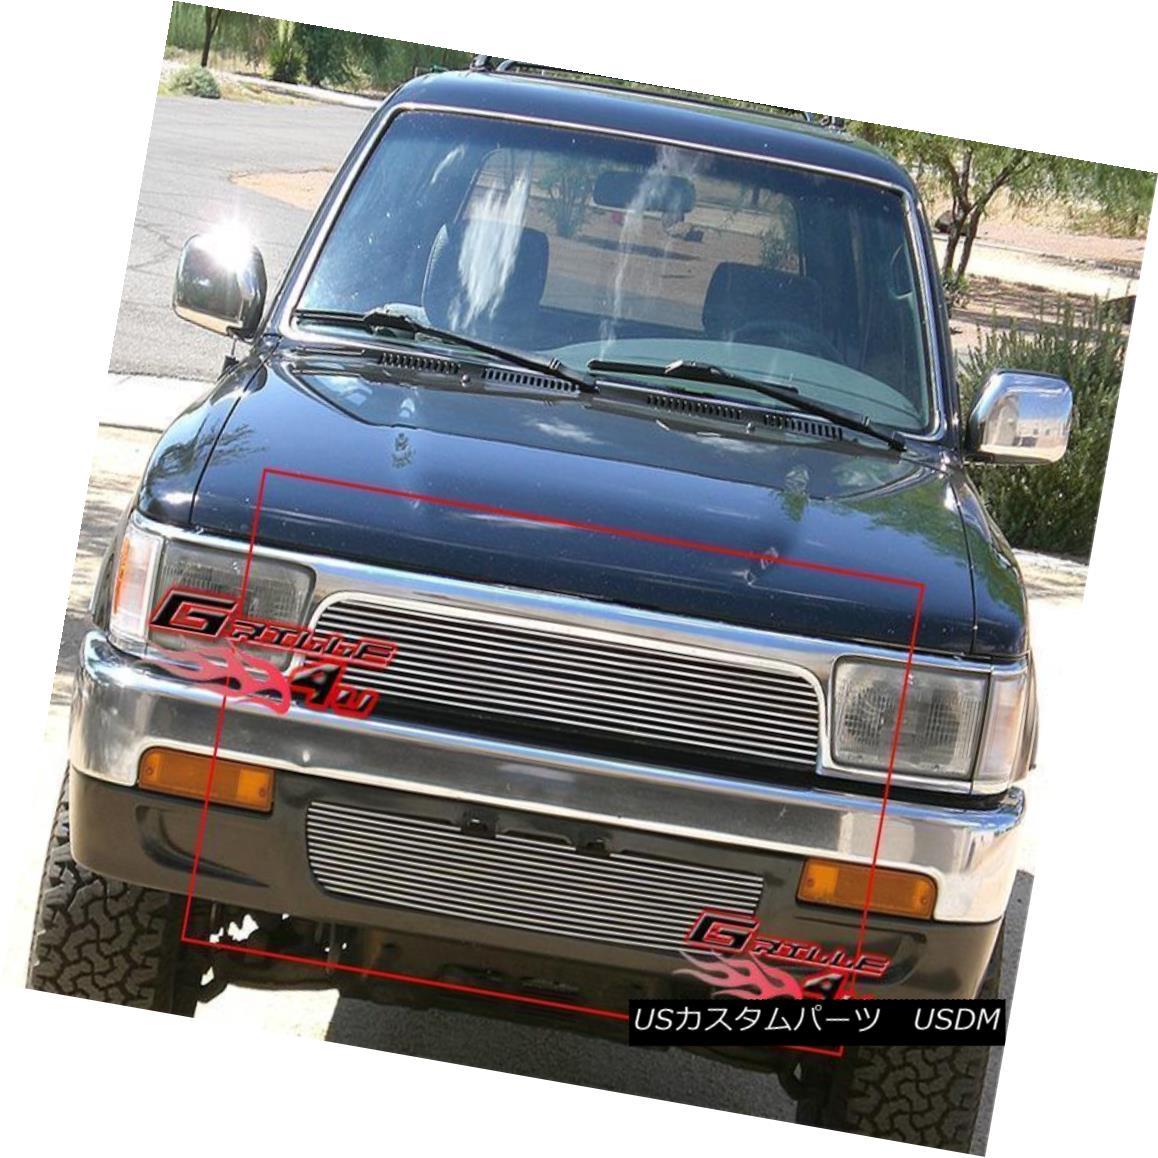 グリル Fits 1992-1995 Toyota 4Runner Billet Grille Combo フィット1992-1995トヨタ4Runnerビレットグリルコンボ